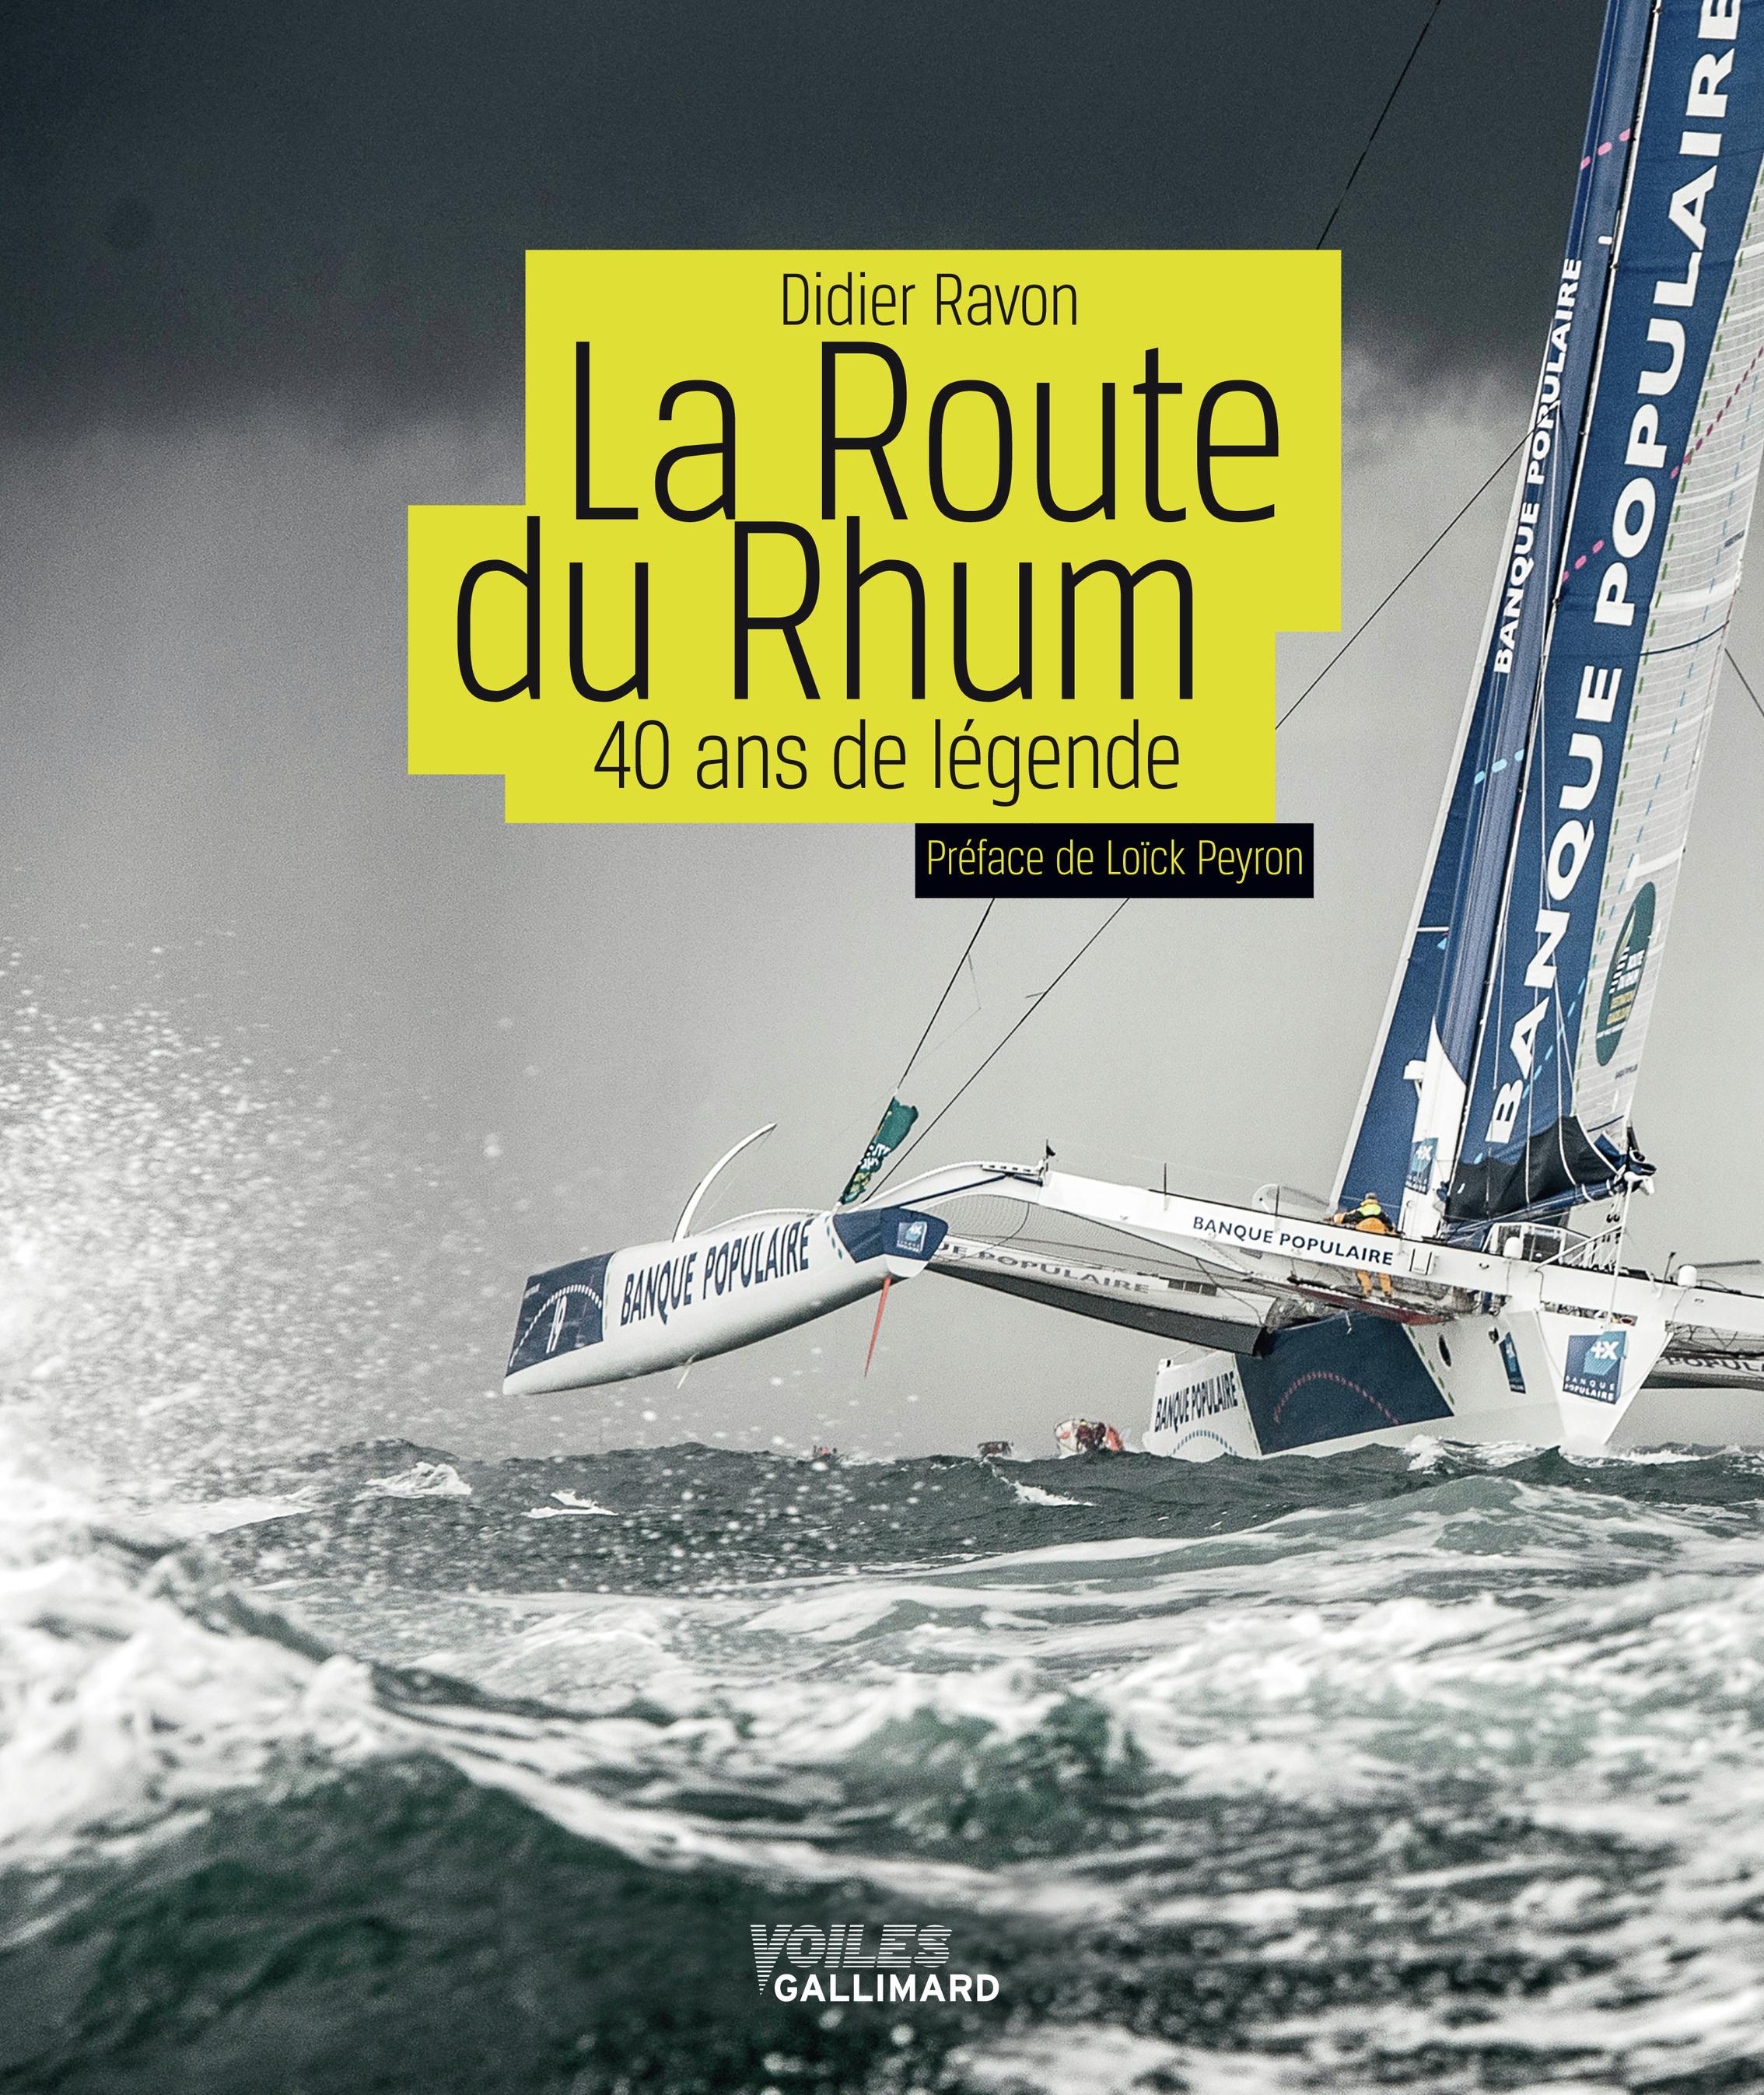 LA ROUTE DU RHUM - 40 ANS DE LEGENDE